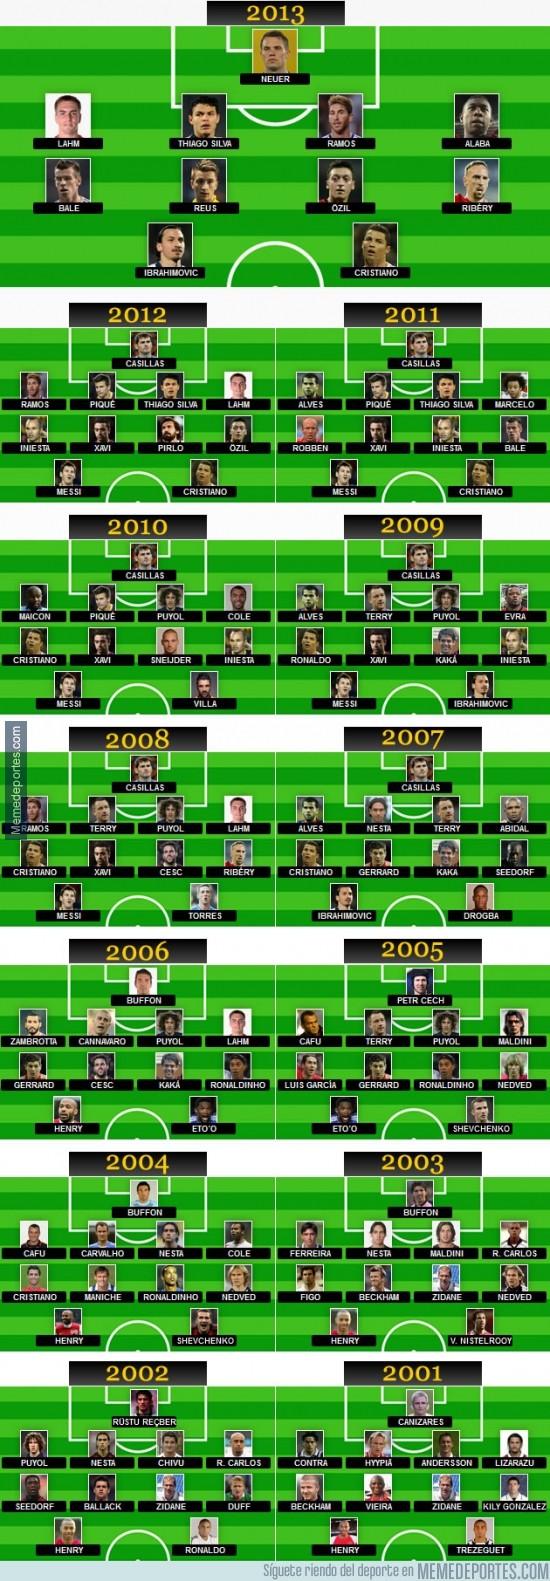 247674 - Evolución del 11 ideal de la UEFA desde 2001